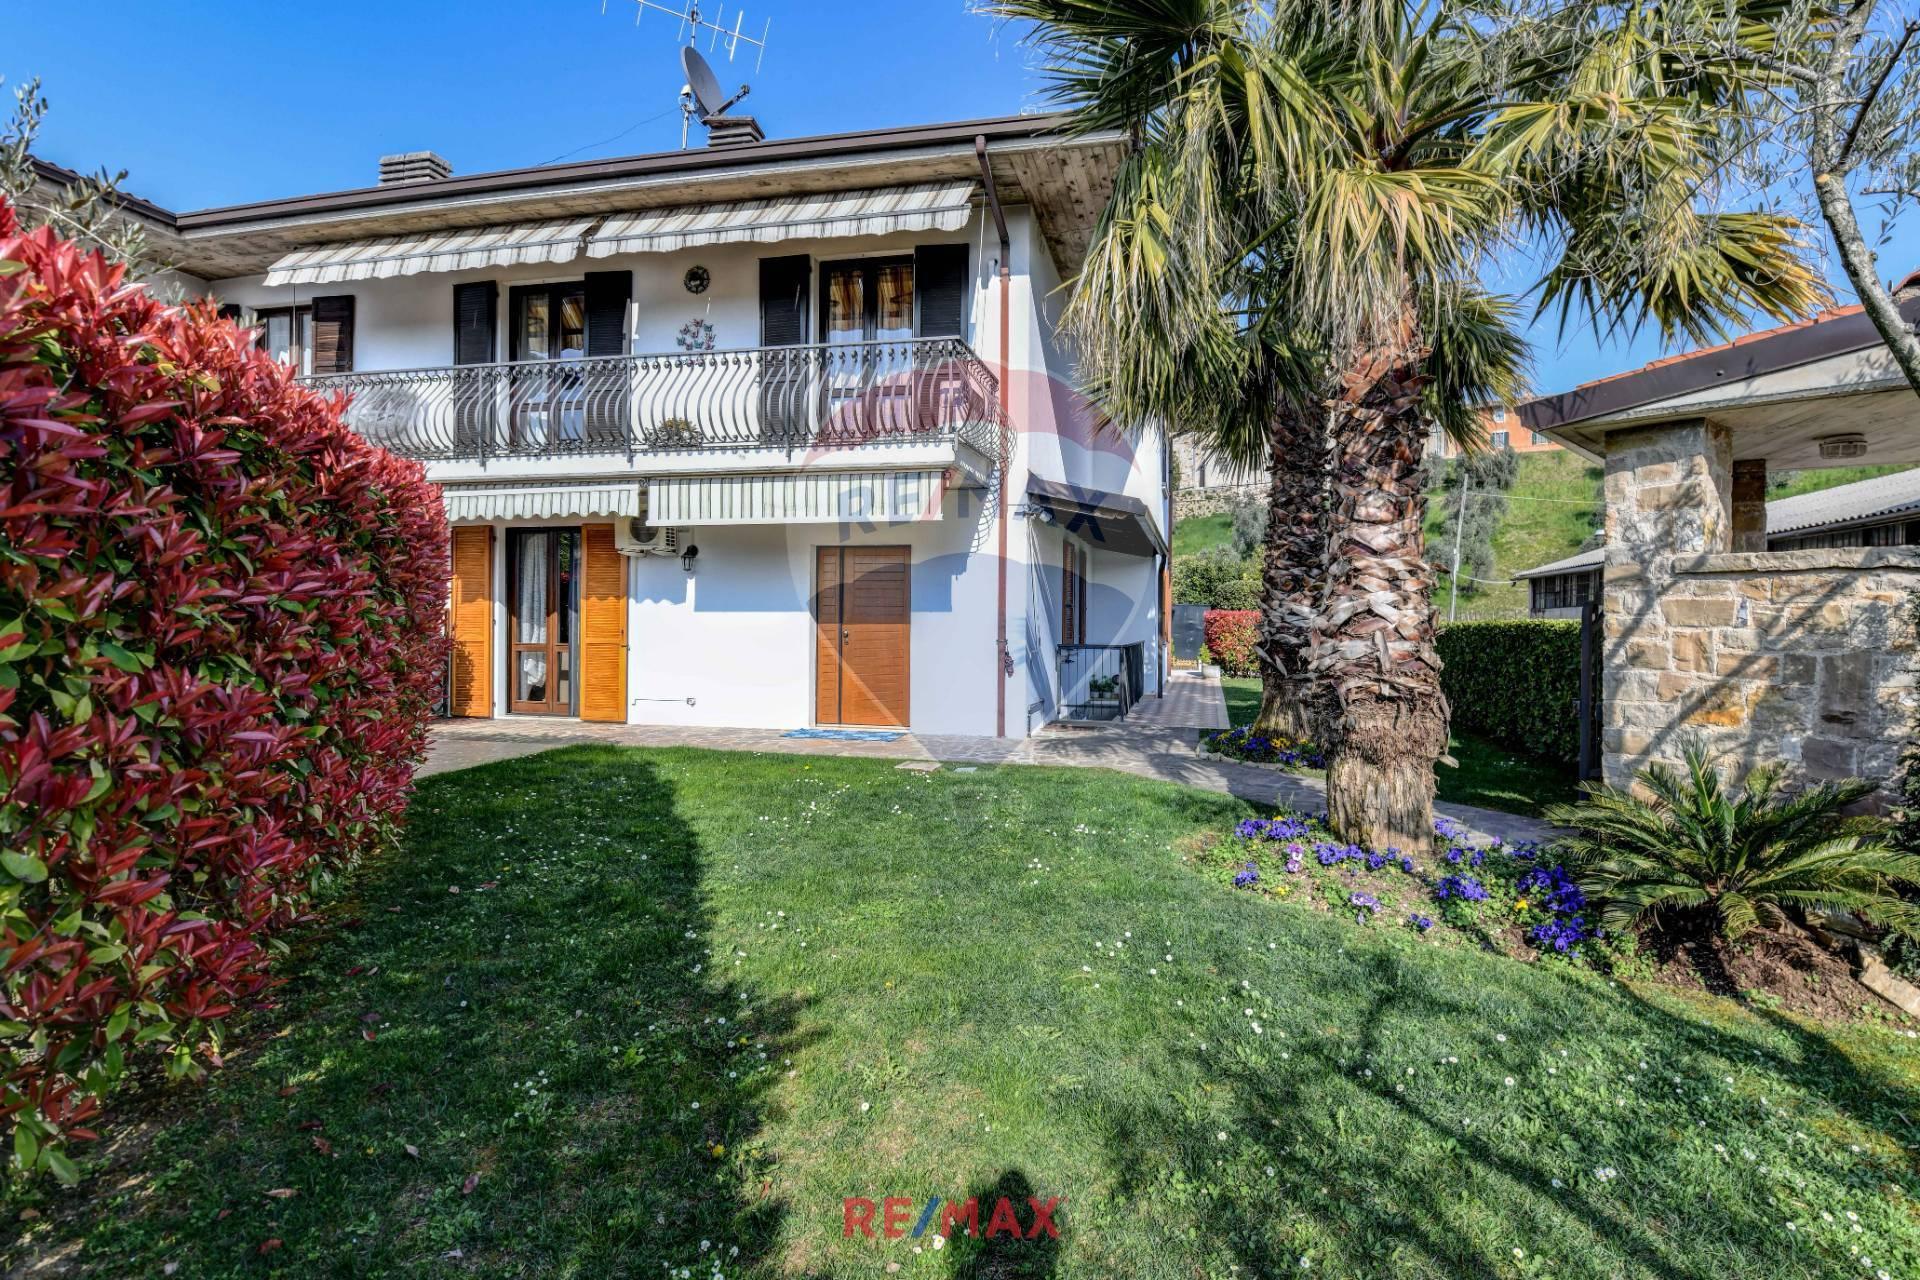 Appartamento in vendita a Puegnago sul Garda, 5 locali, zona a, prezzo € 319.000 | PortaleAgenzieImmobiliari.it